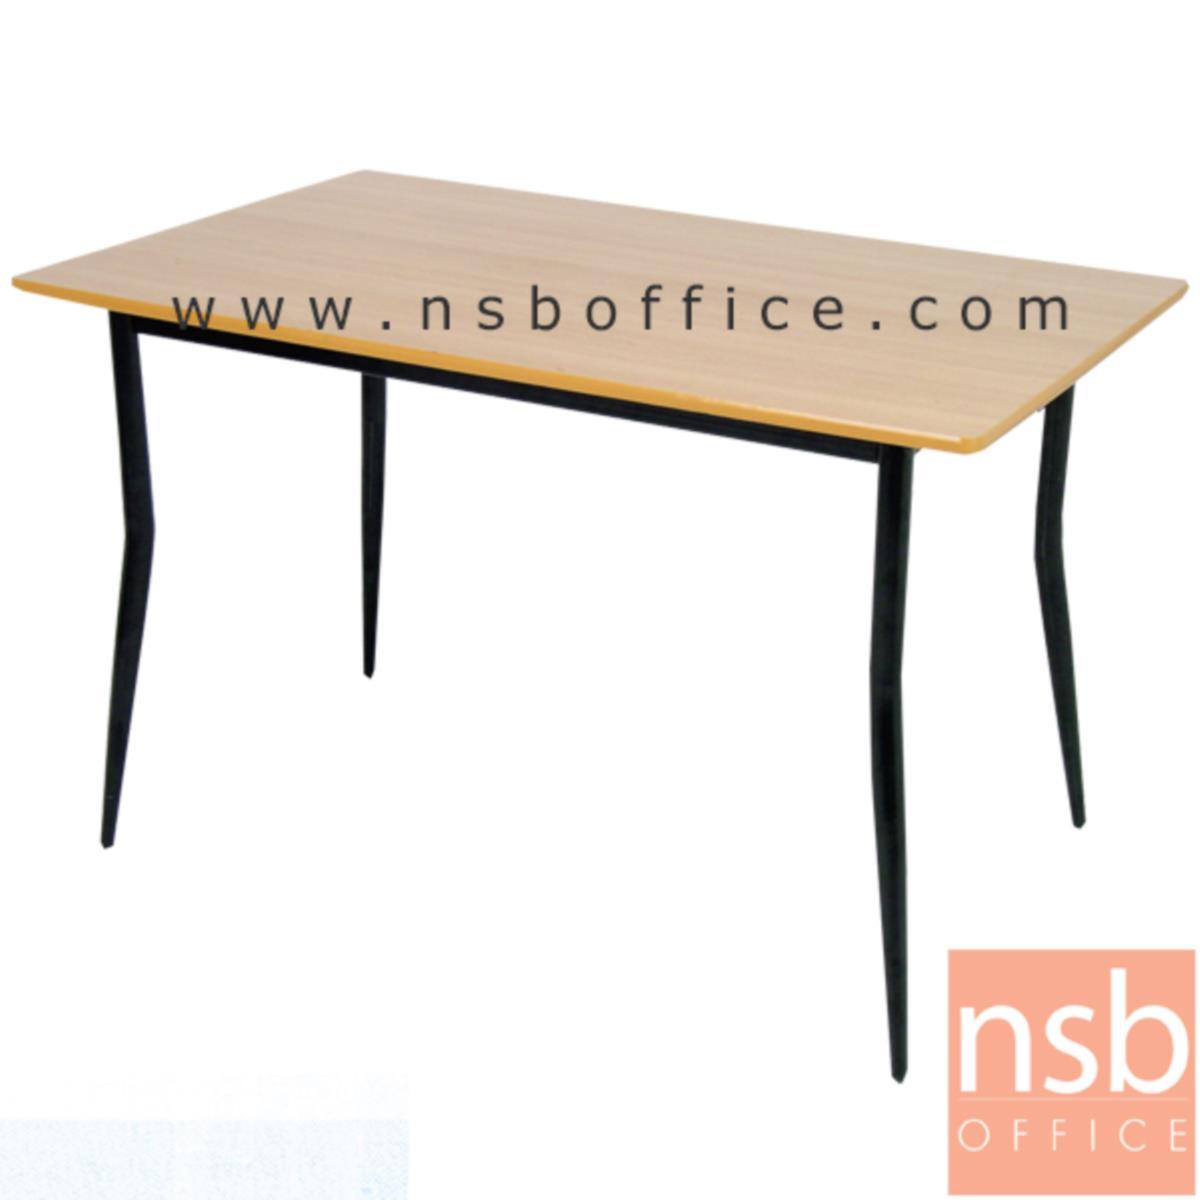 G14A084:โต๊ะรับประทานอาหารหน้าไม้ยางพารา รุ่น SR-3 ขนาด 90W ,120W ,150W cm.  โครงขาเหล็ก